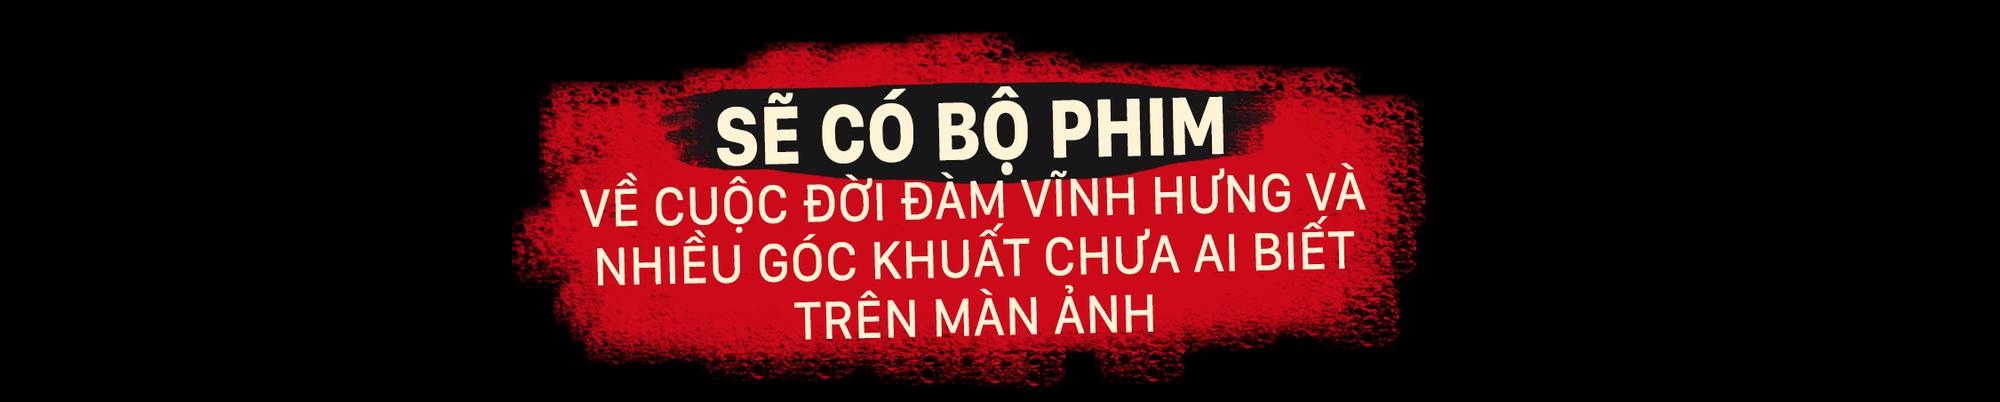 Đàm Vĩnh Hưng: Hãy vứt ngay danh xưng ông hoàng nhạc Việt vào thùng rác! - Ảnh 1.